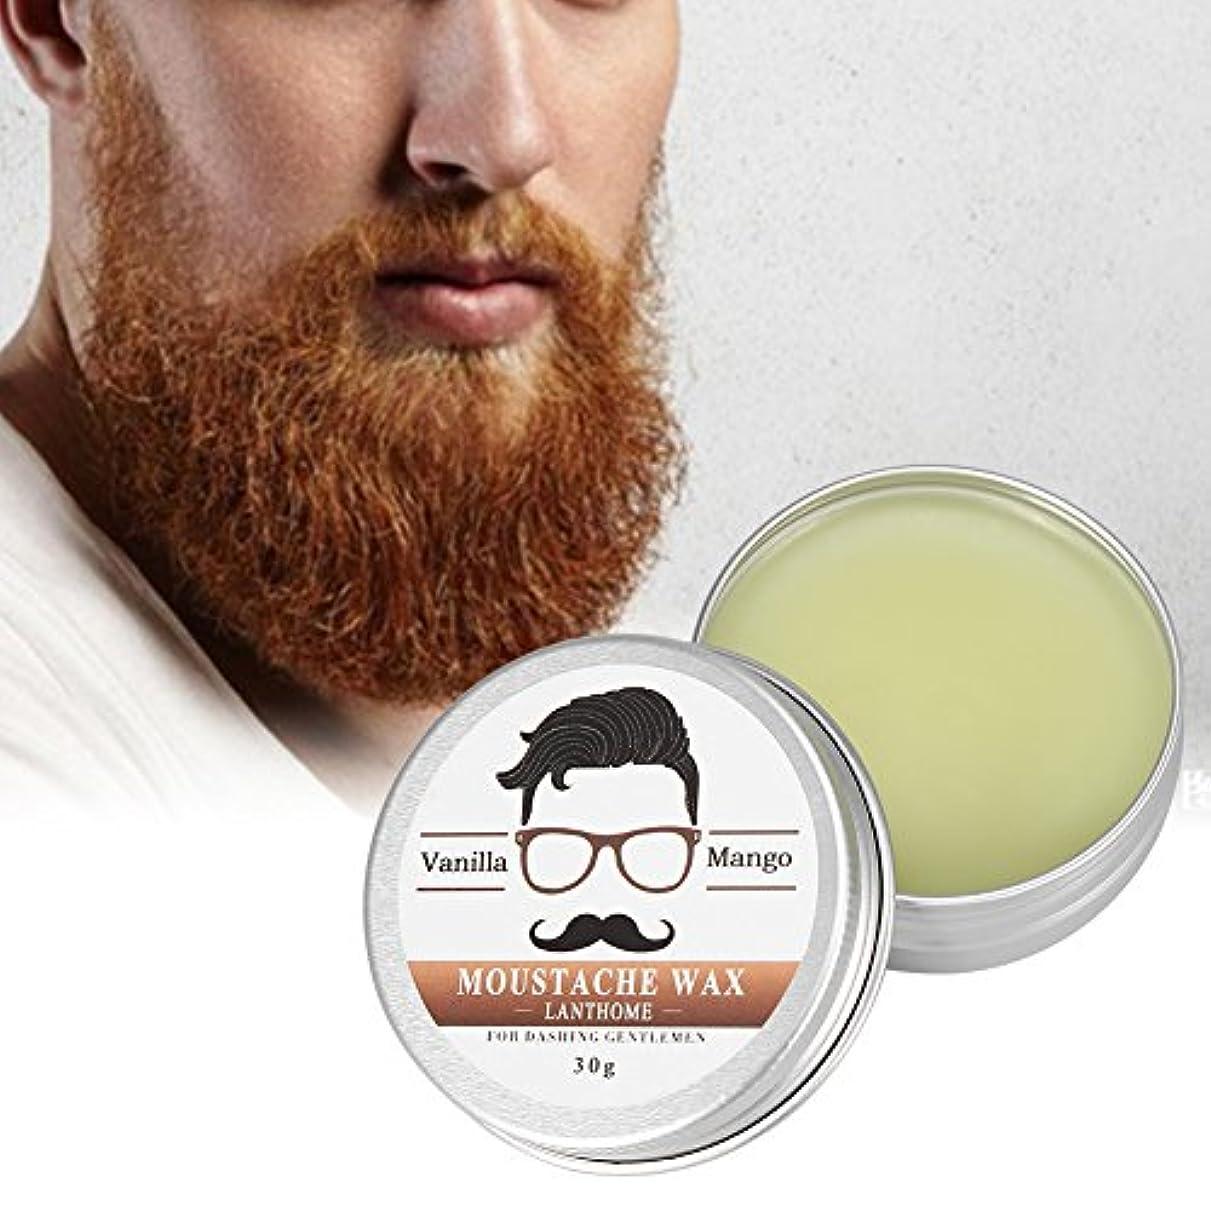 分解する結婚受け皿ビアードワックス ひげクリーム 口髭用 ワックス バーム 男性用 保湿 滋養 ひげ根 ケア